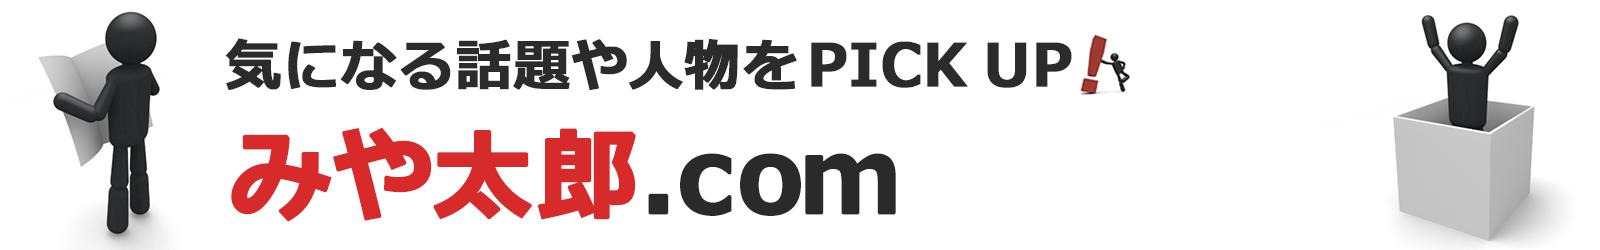 東京未来ビジョン懇談会メンバーと内容まとめ!たかみなが政治家に? | みや太郎.com